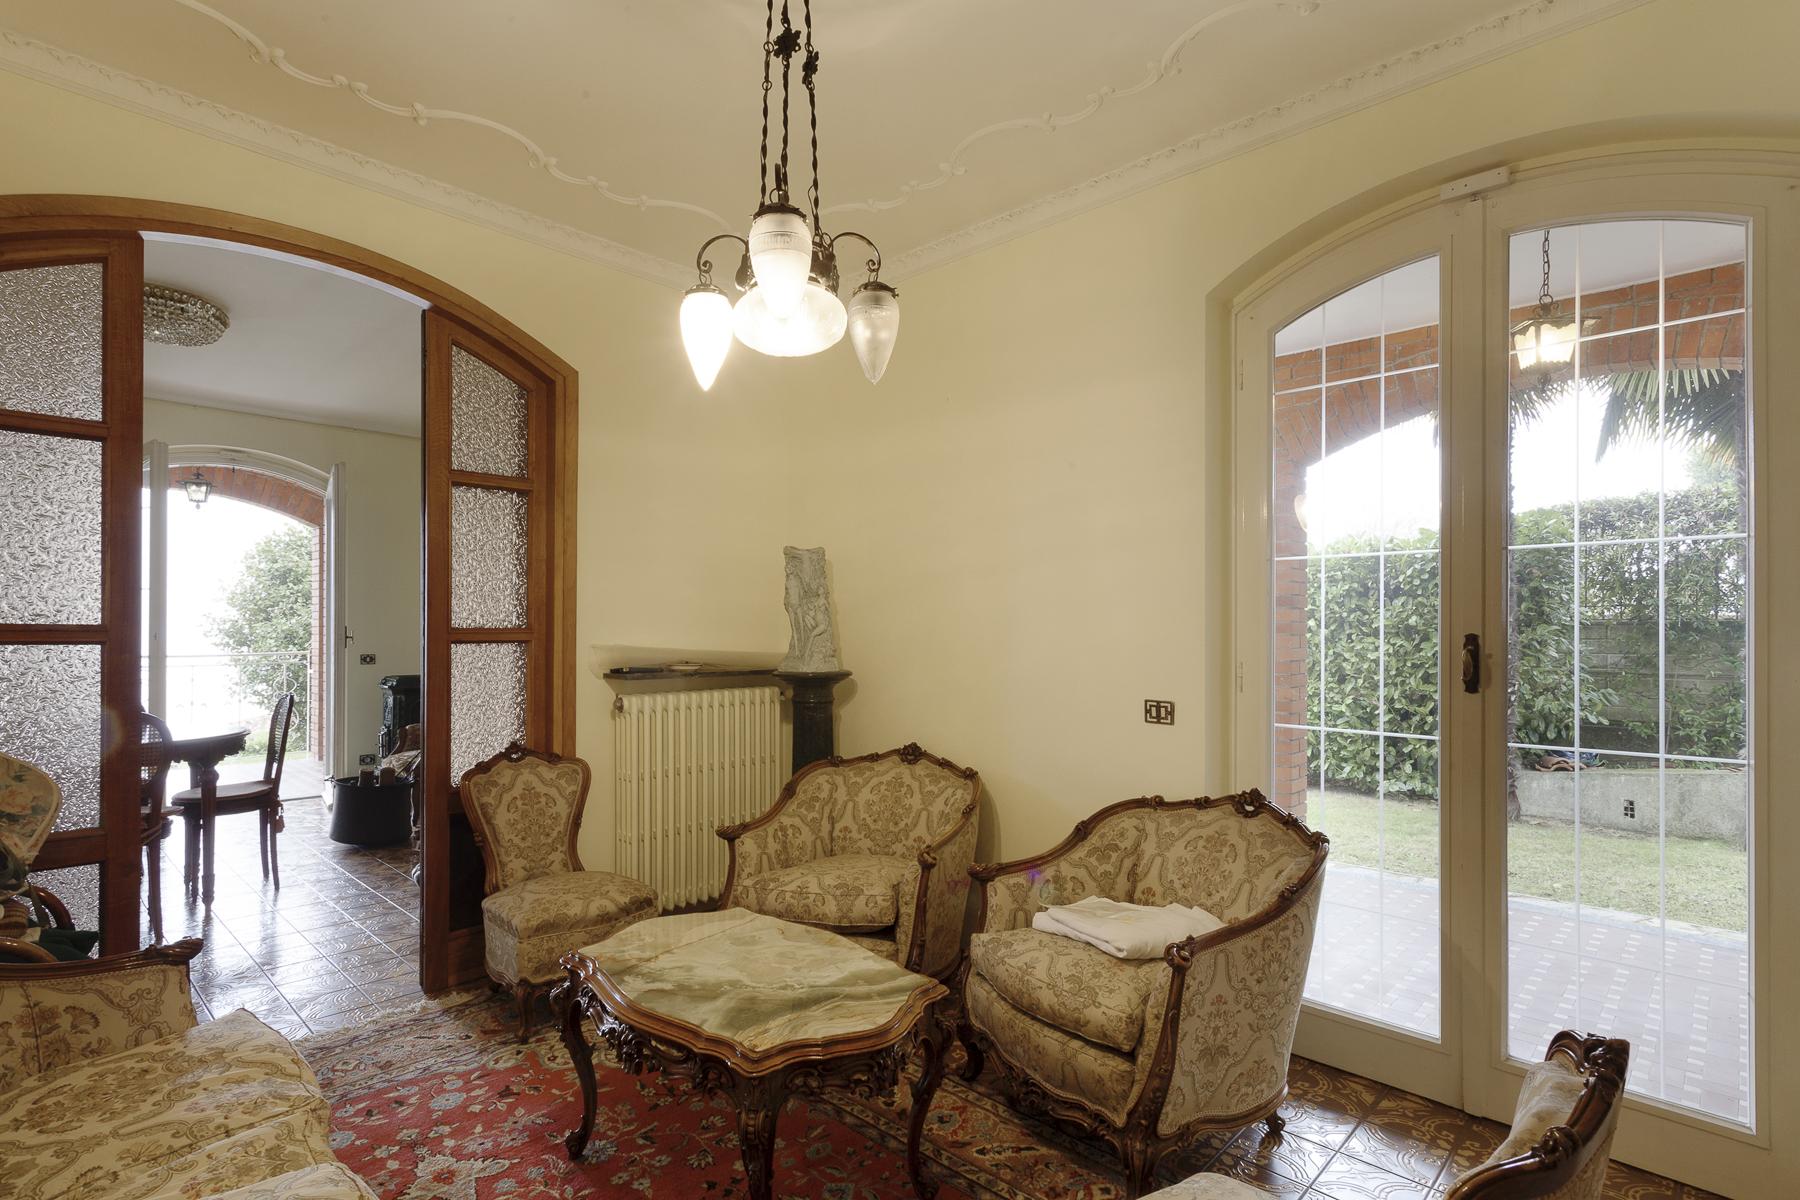 Villa in Vendita a Nebbiuno: 5 locali, 370 mq - Foto 11